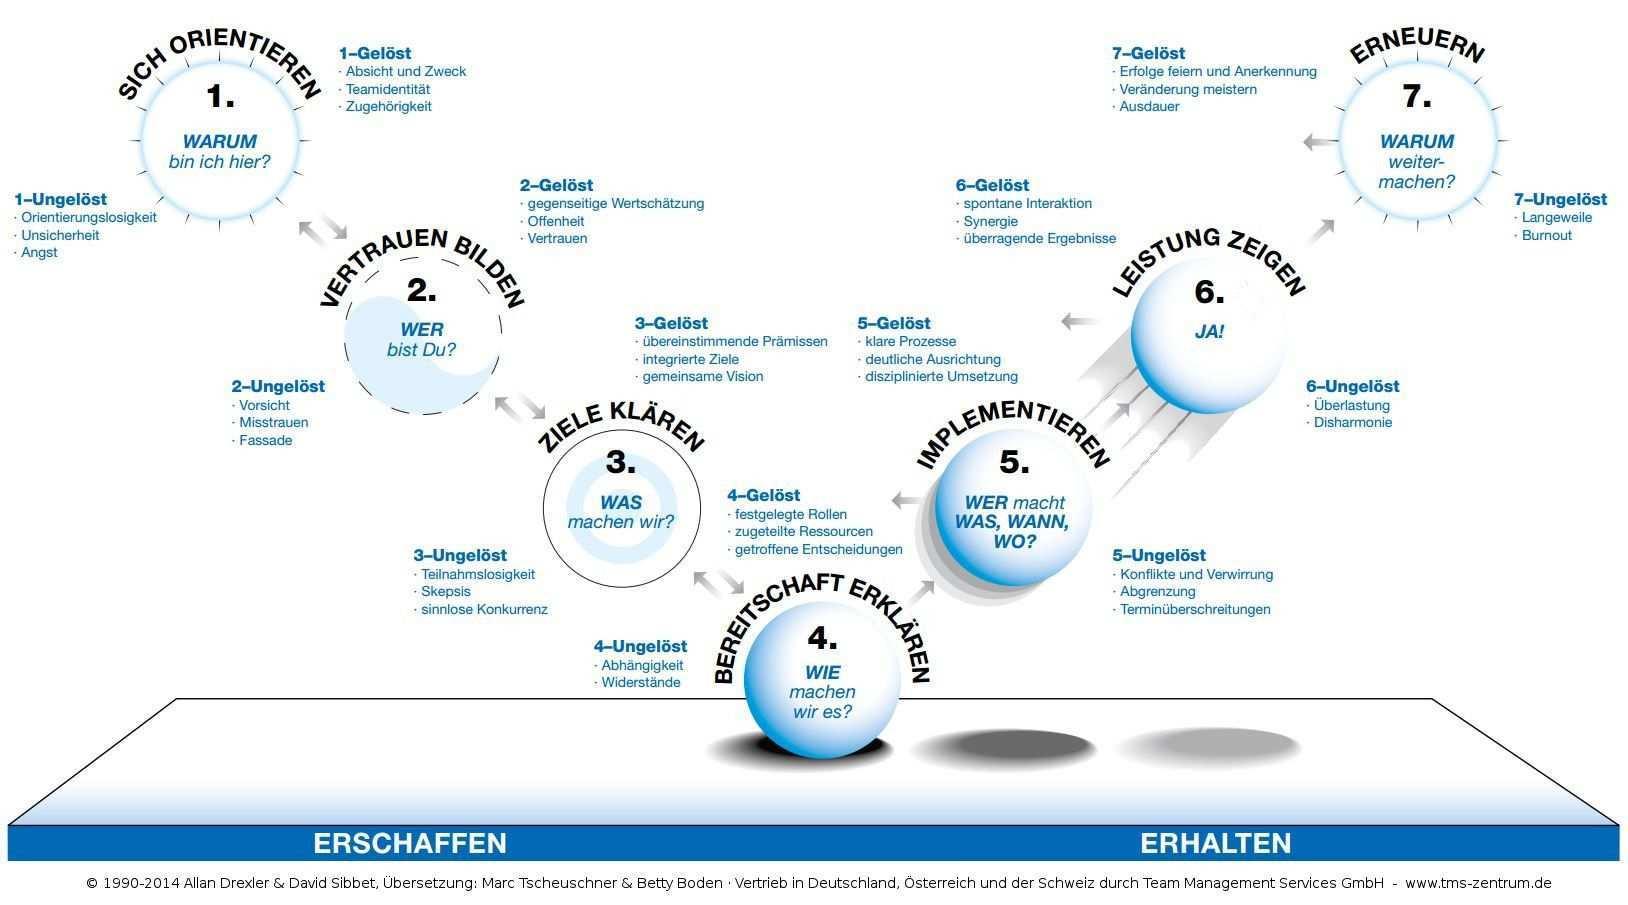 Das Team Performance Modell Nach Sibbet Drexler So Arbeiten Wir Mit Teams Menschenfuhrung Konfliktlosung Teamarbeit